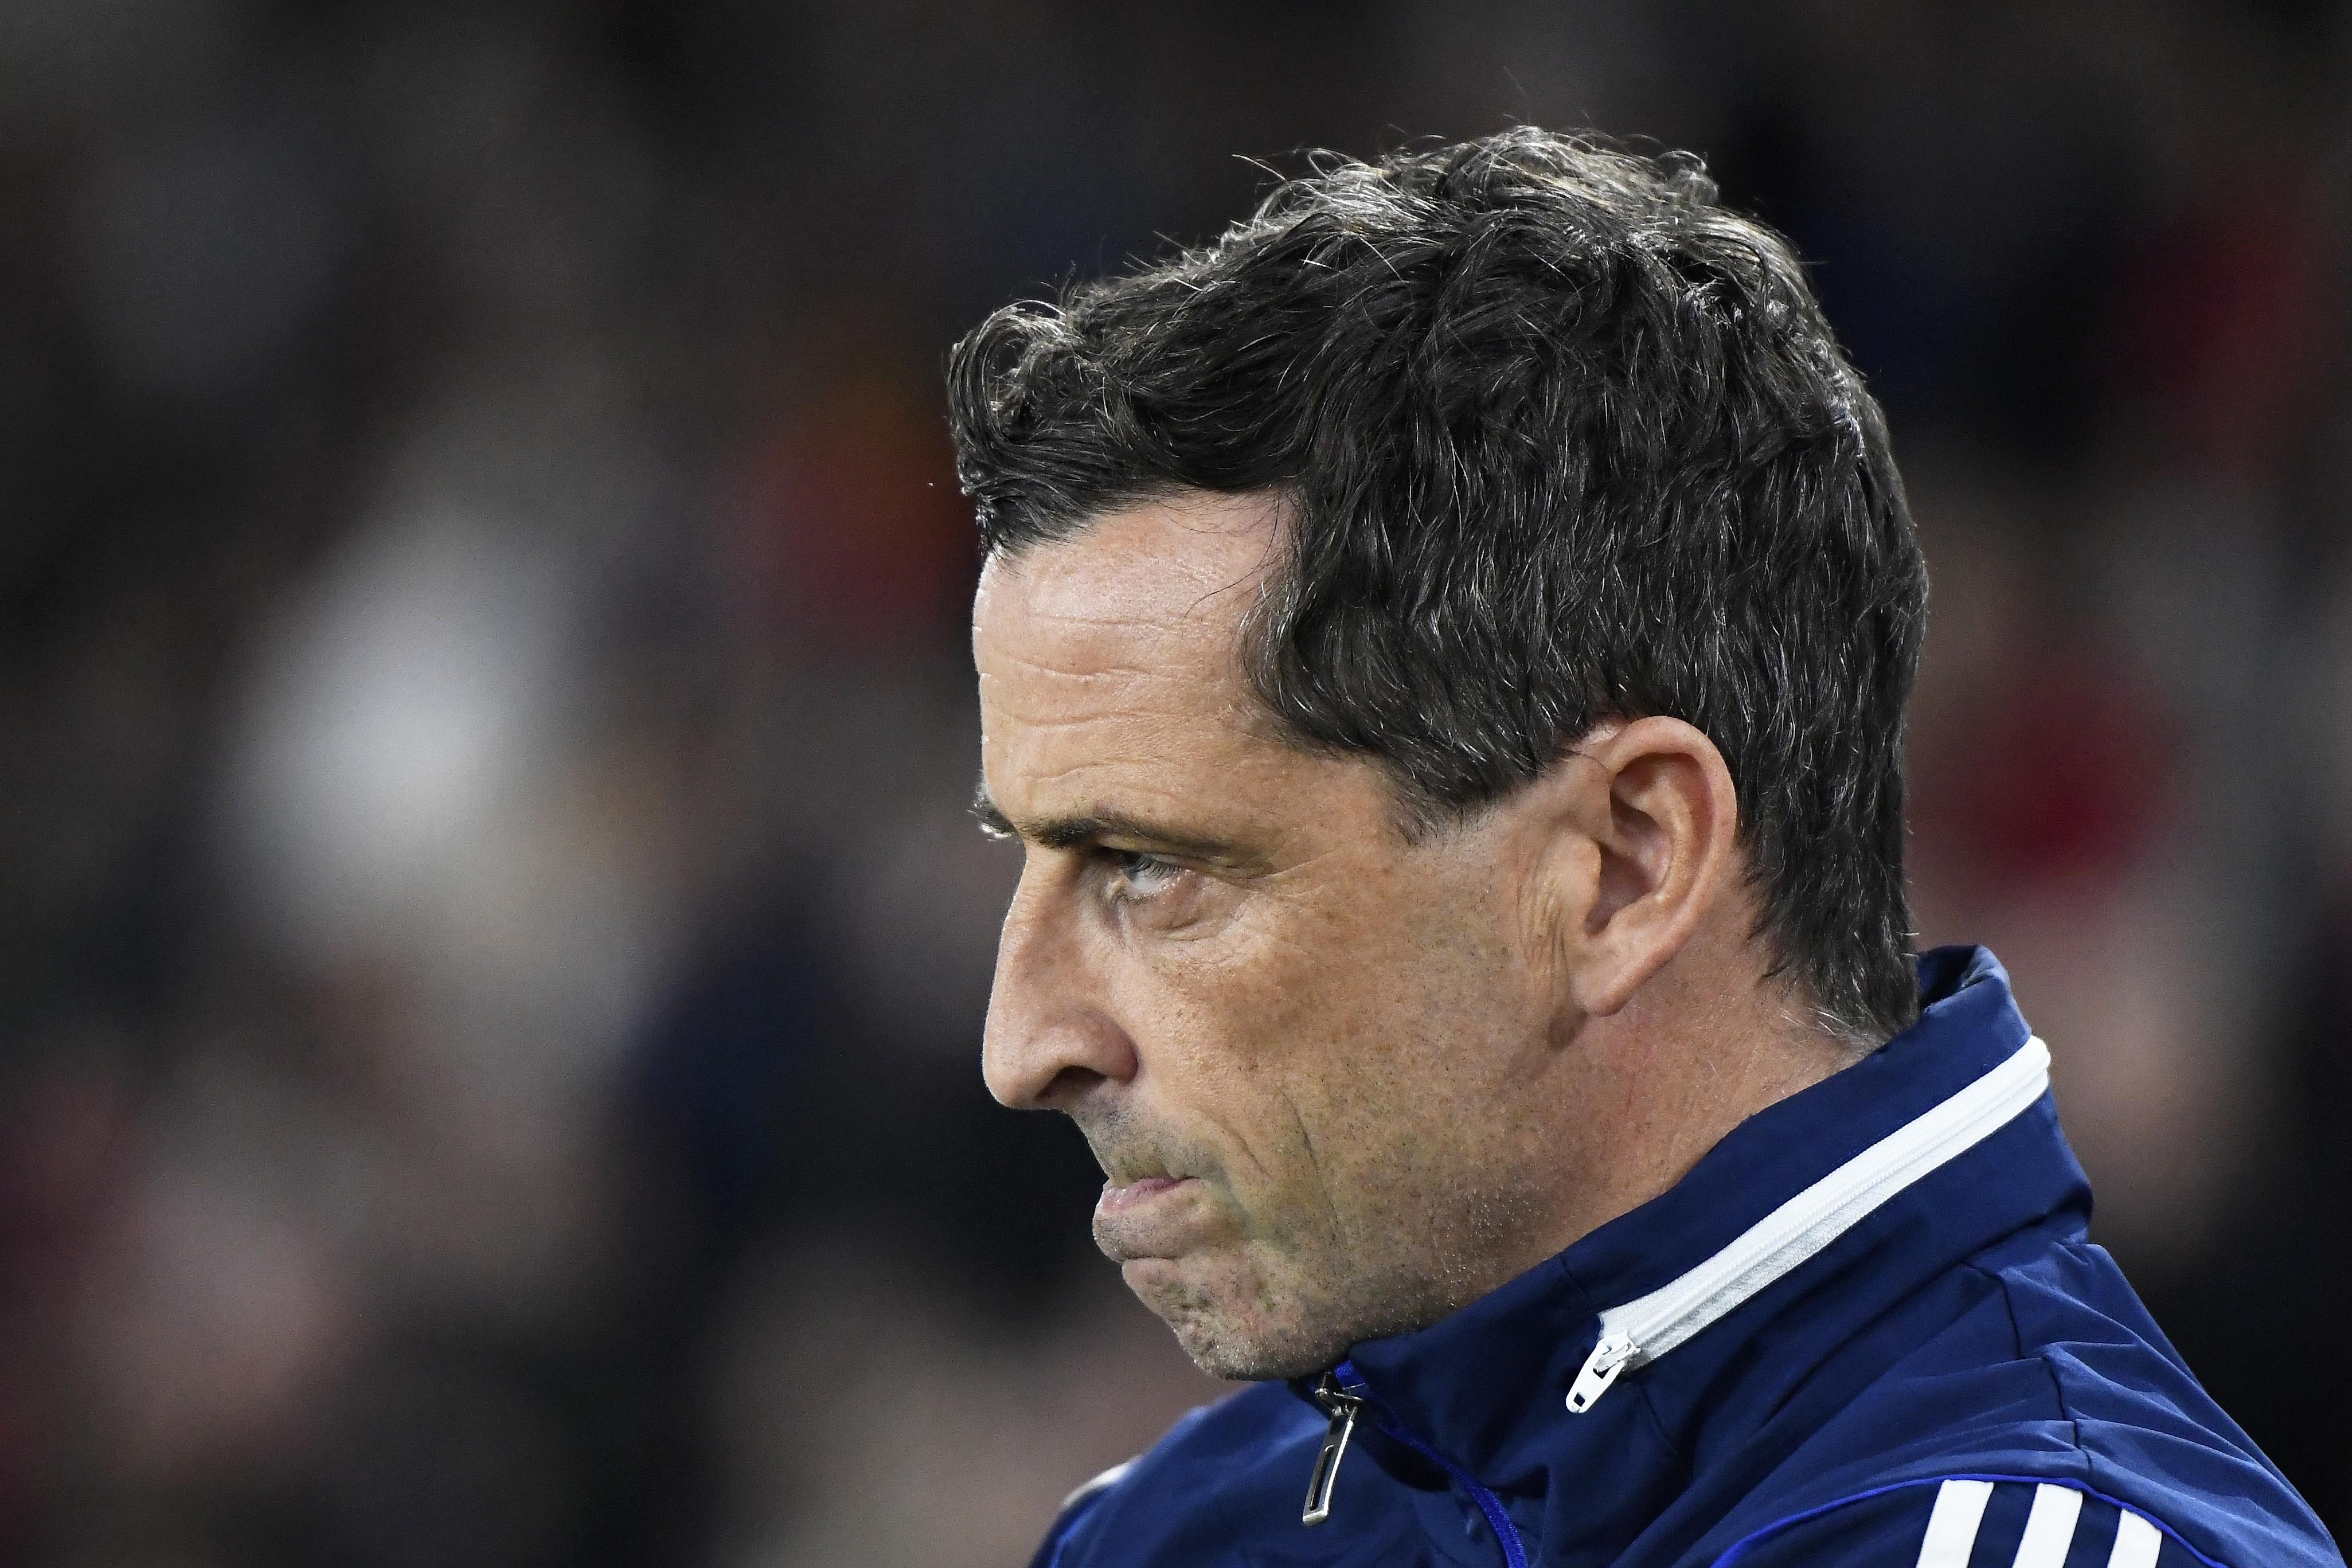 Джак Рос беше уволнен от поста мениджър на Съндърланд. Специалистът